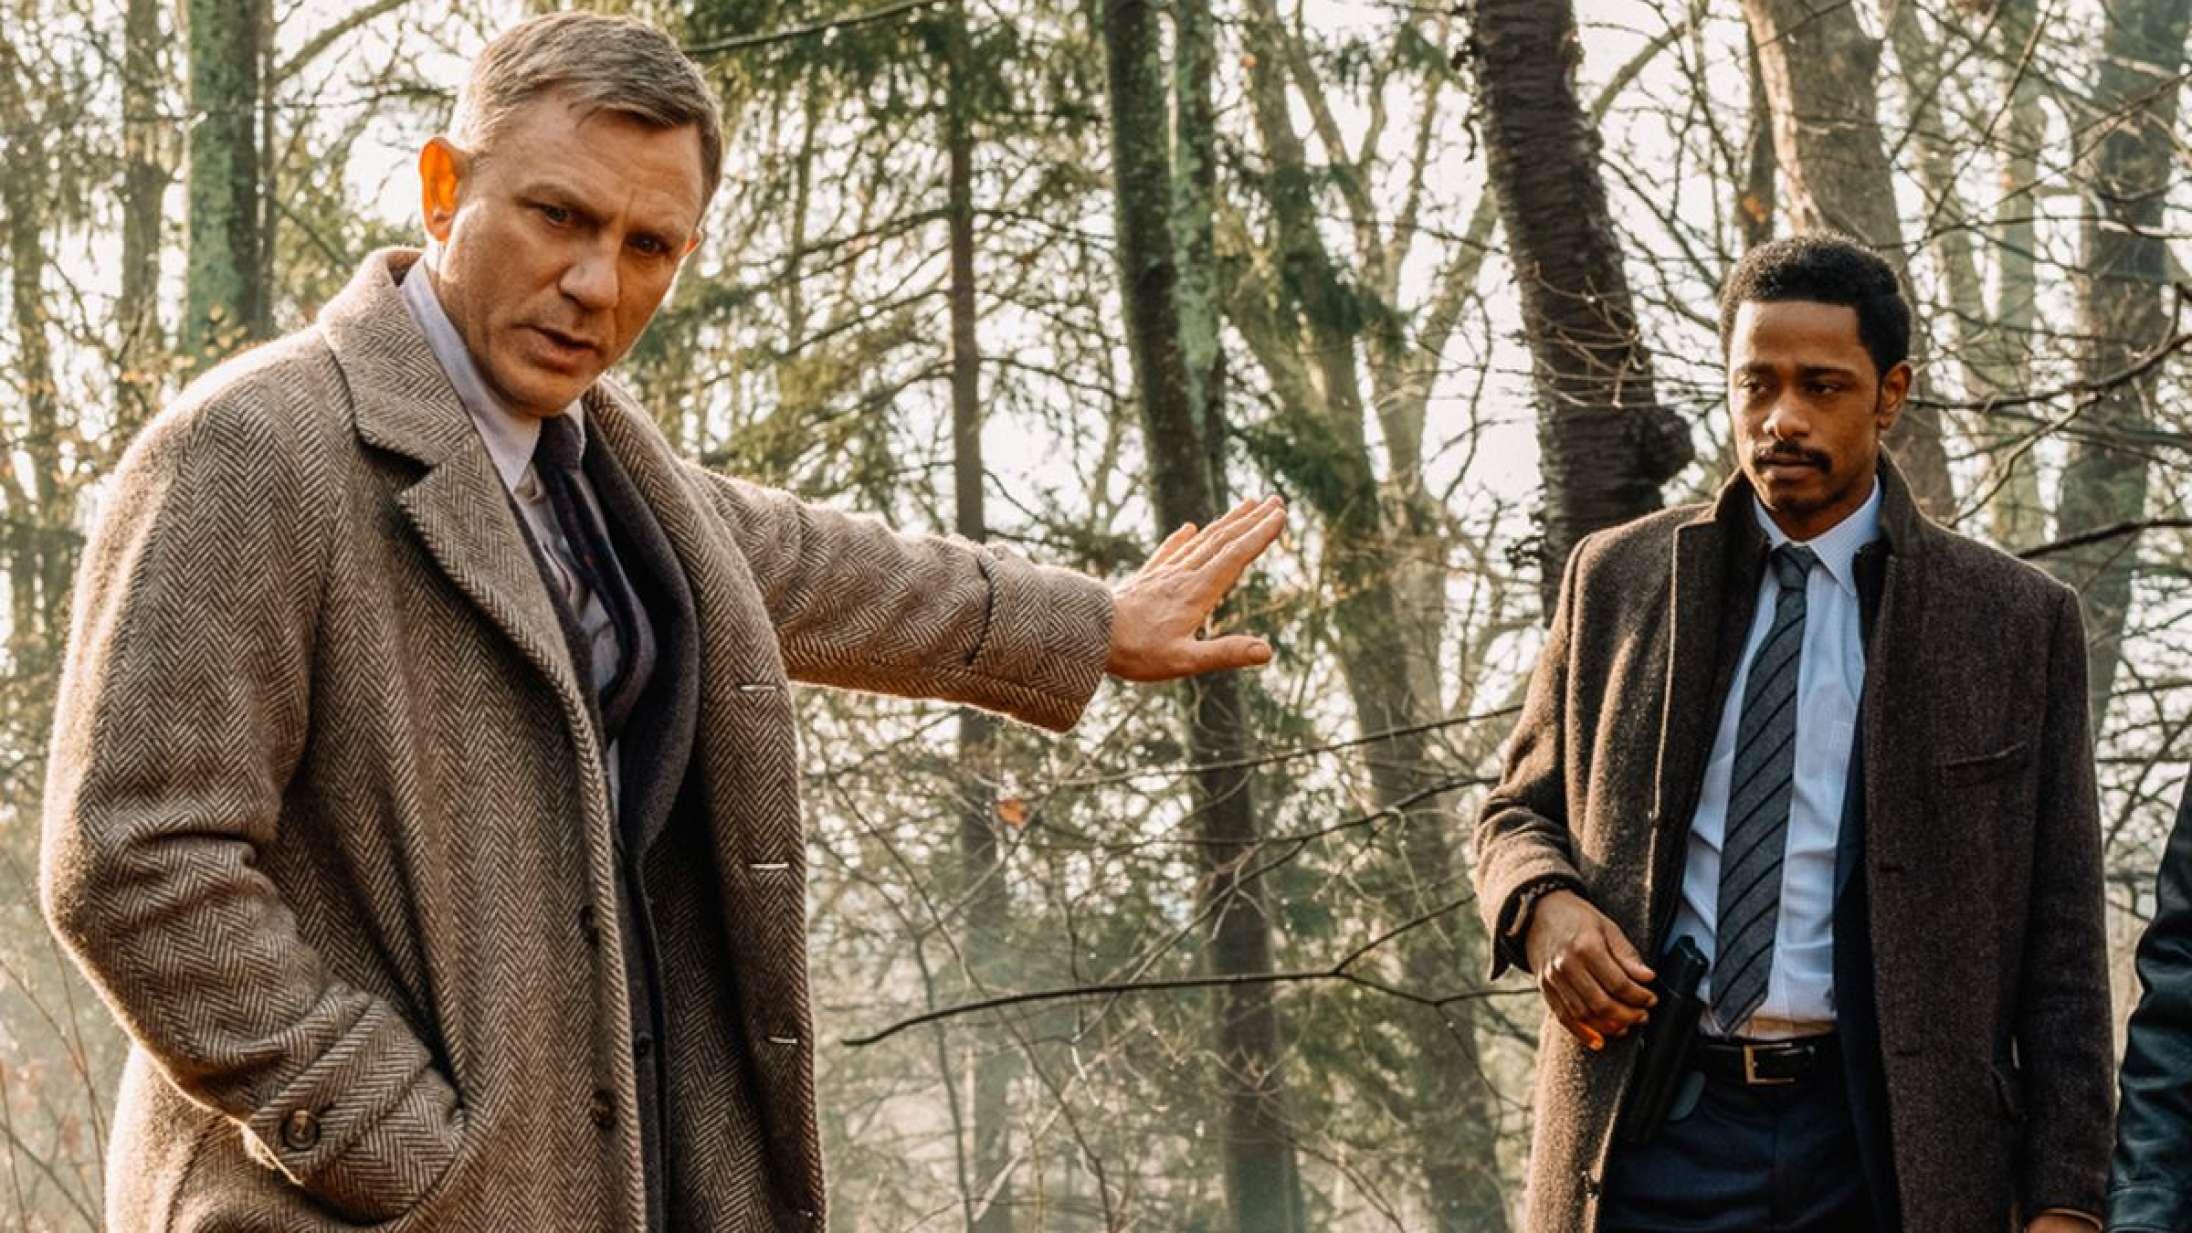 Netflix køber to 'Knives Out'-efterfølgere for svimlende milliardbeløb i historisk aftale